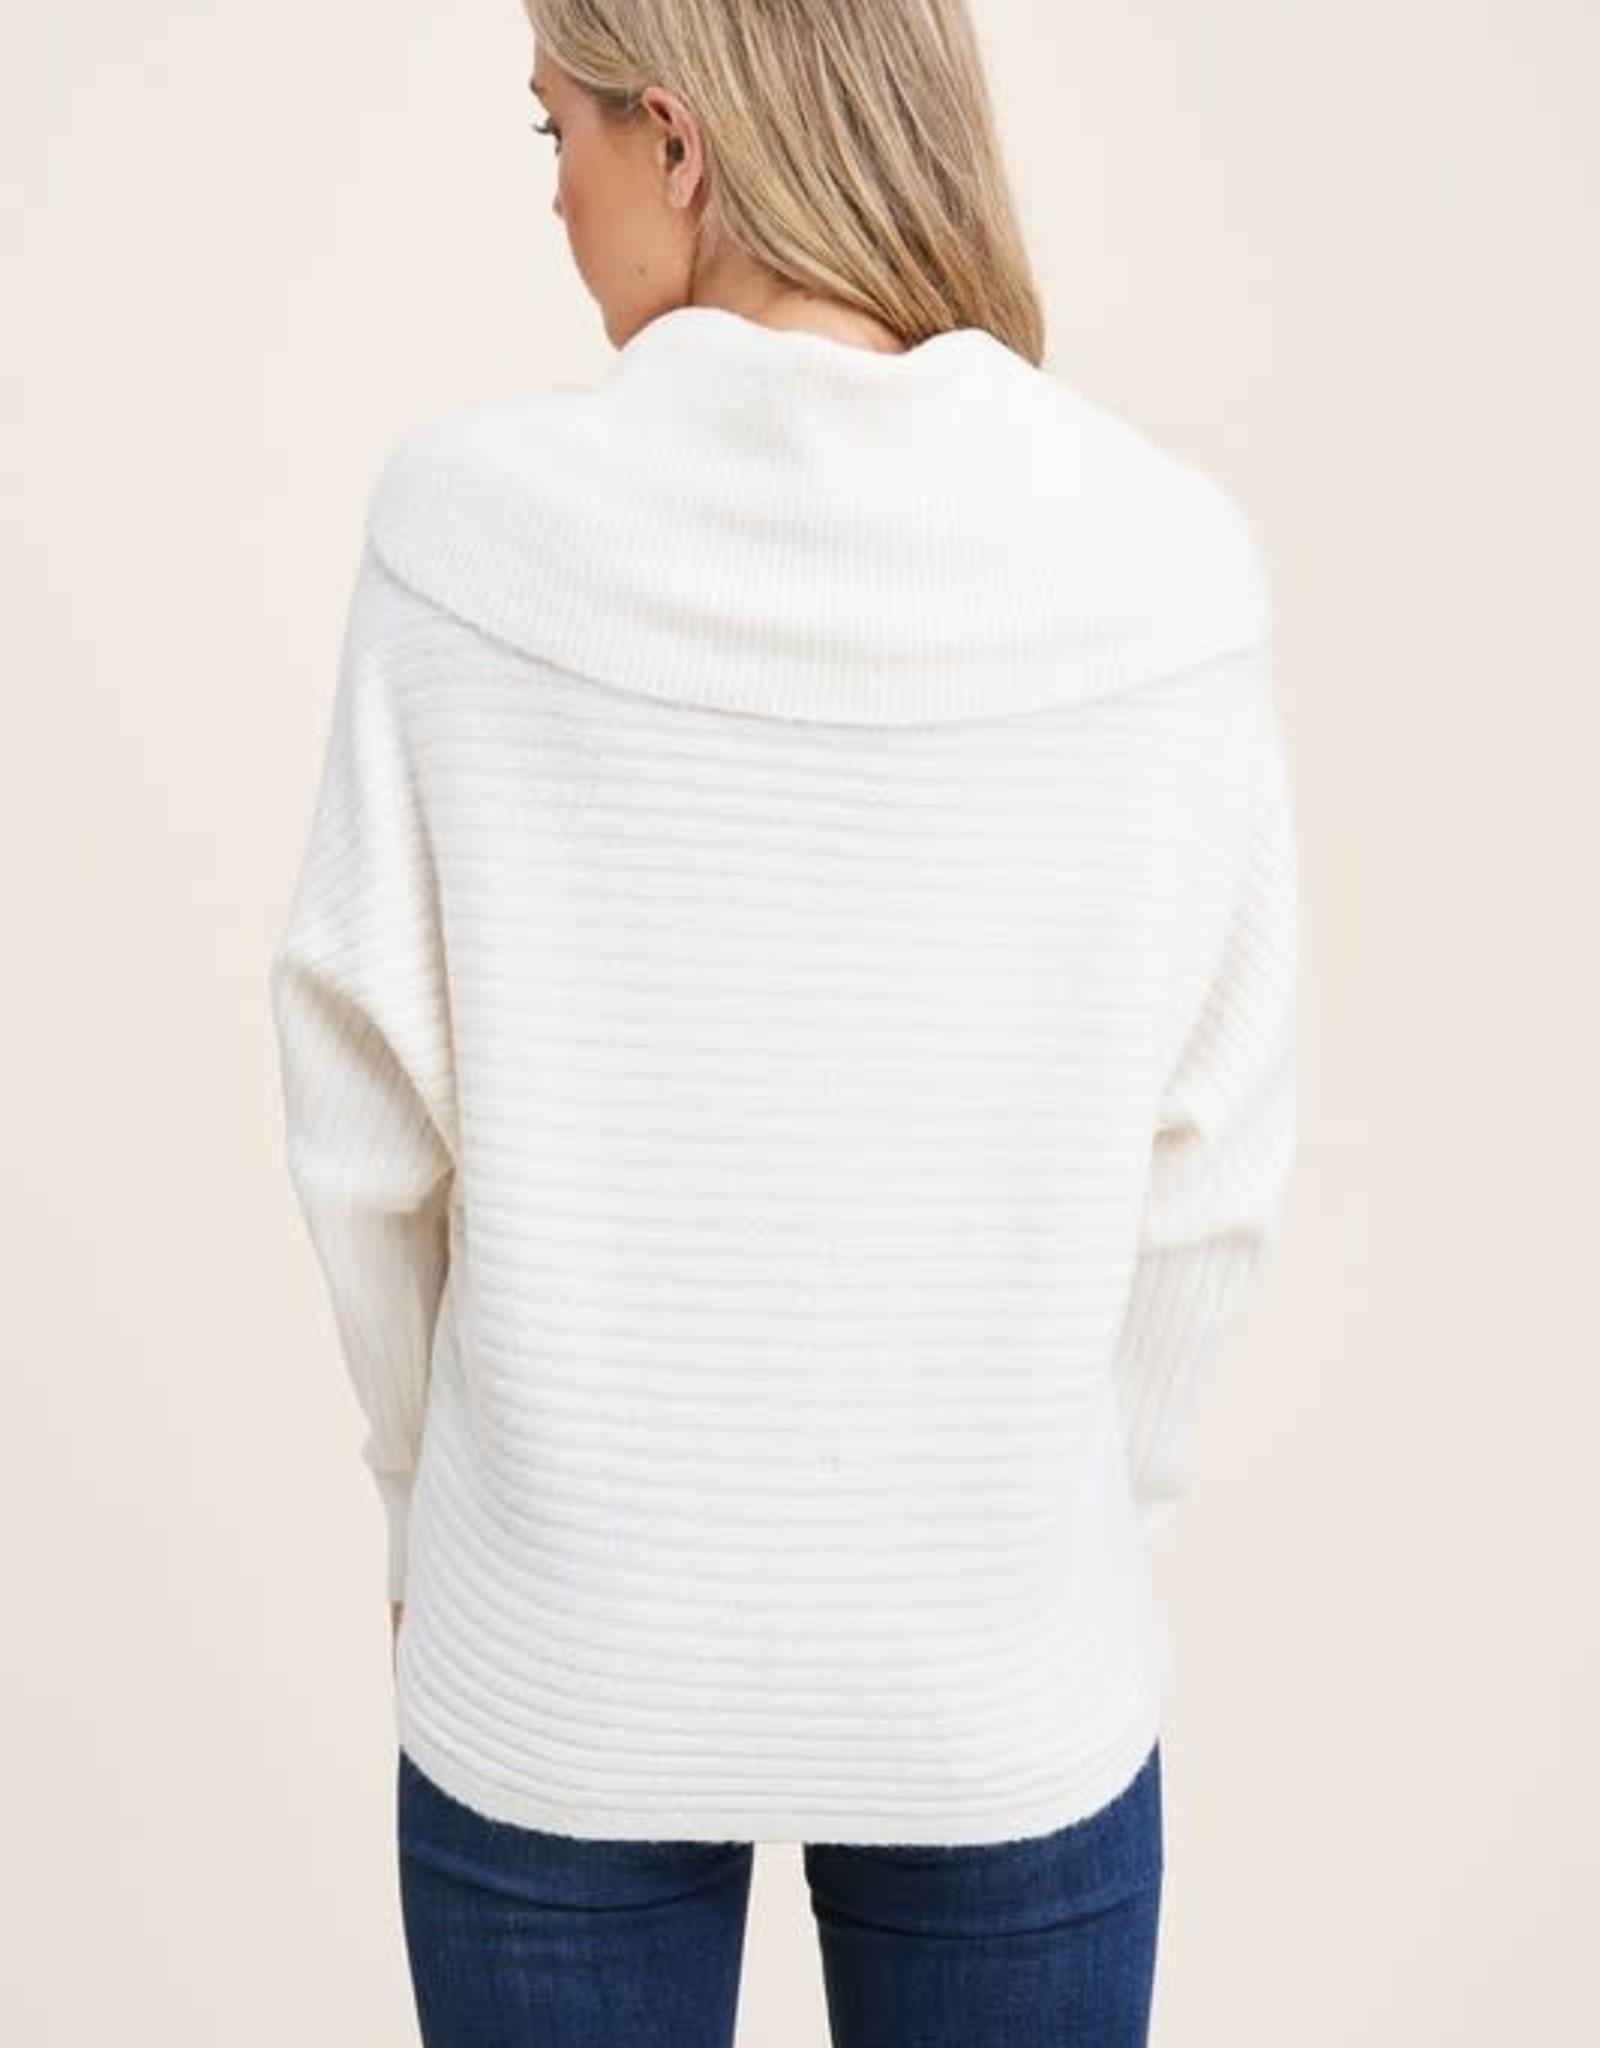 TLC Slouchy Sweater